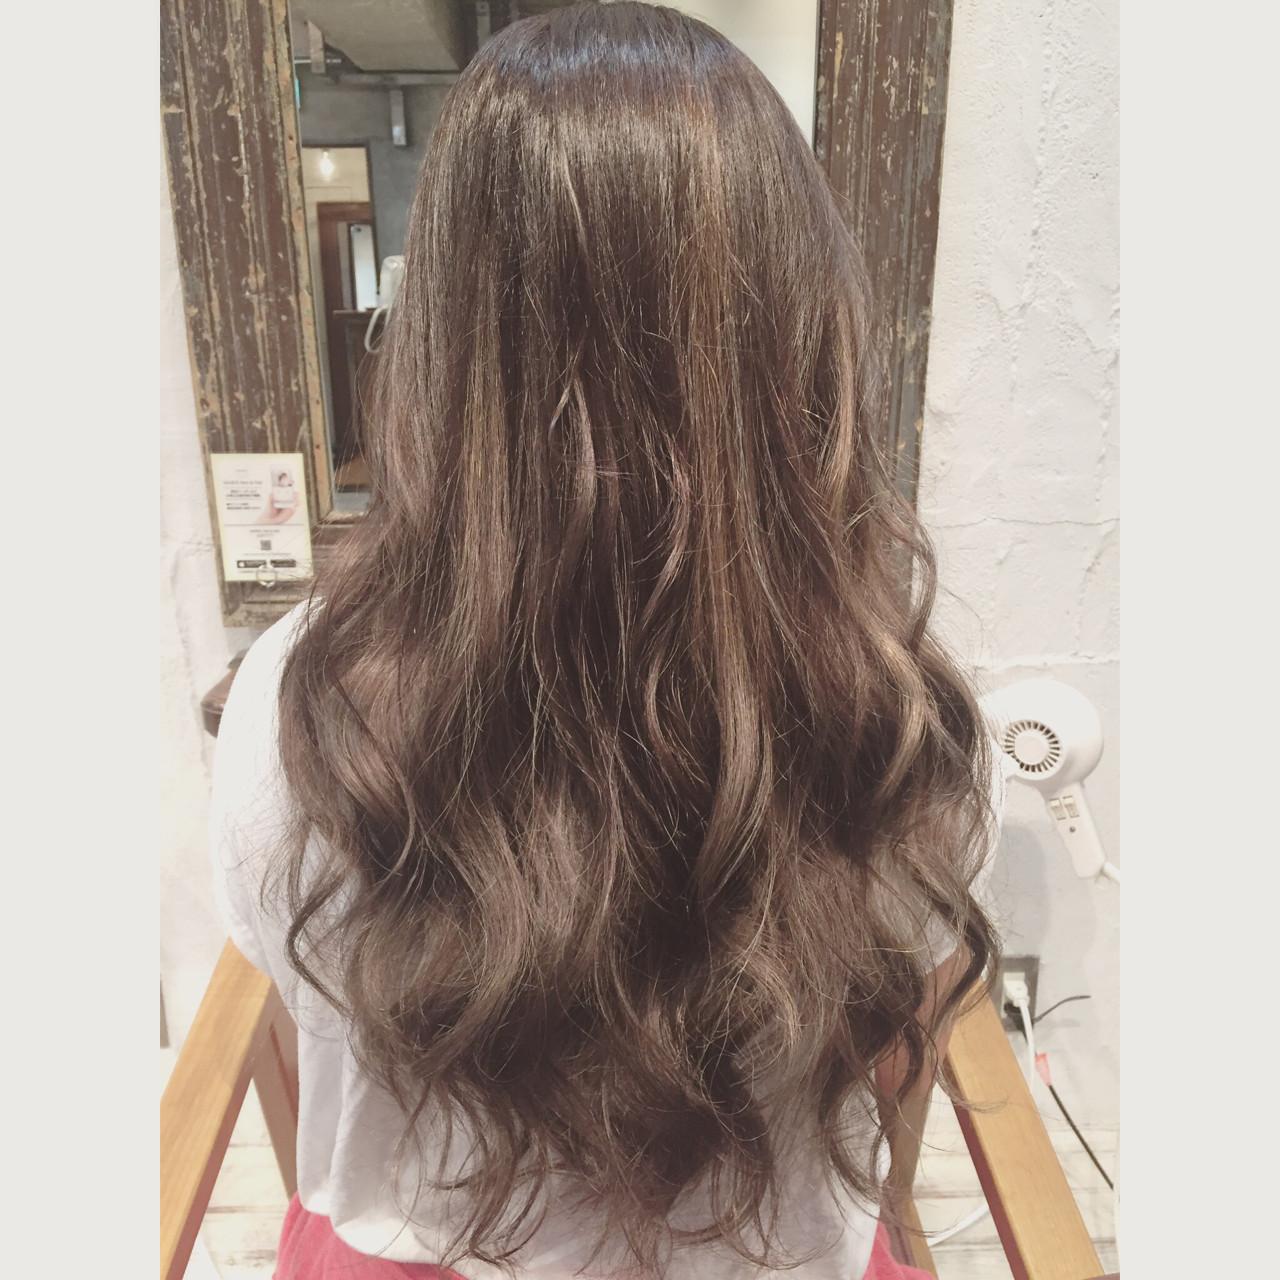 グラデーションカラー ゆるふわ ピュア ハイライト ヘアスタイルや髪型の写真・画像 | C-ZONE FBeauty村山 武 / C-ZONE by FBeauty